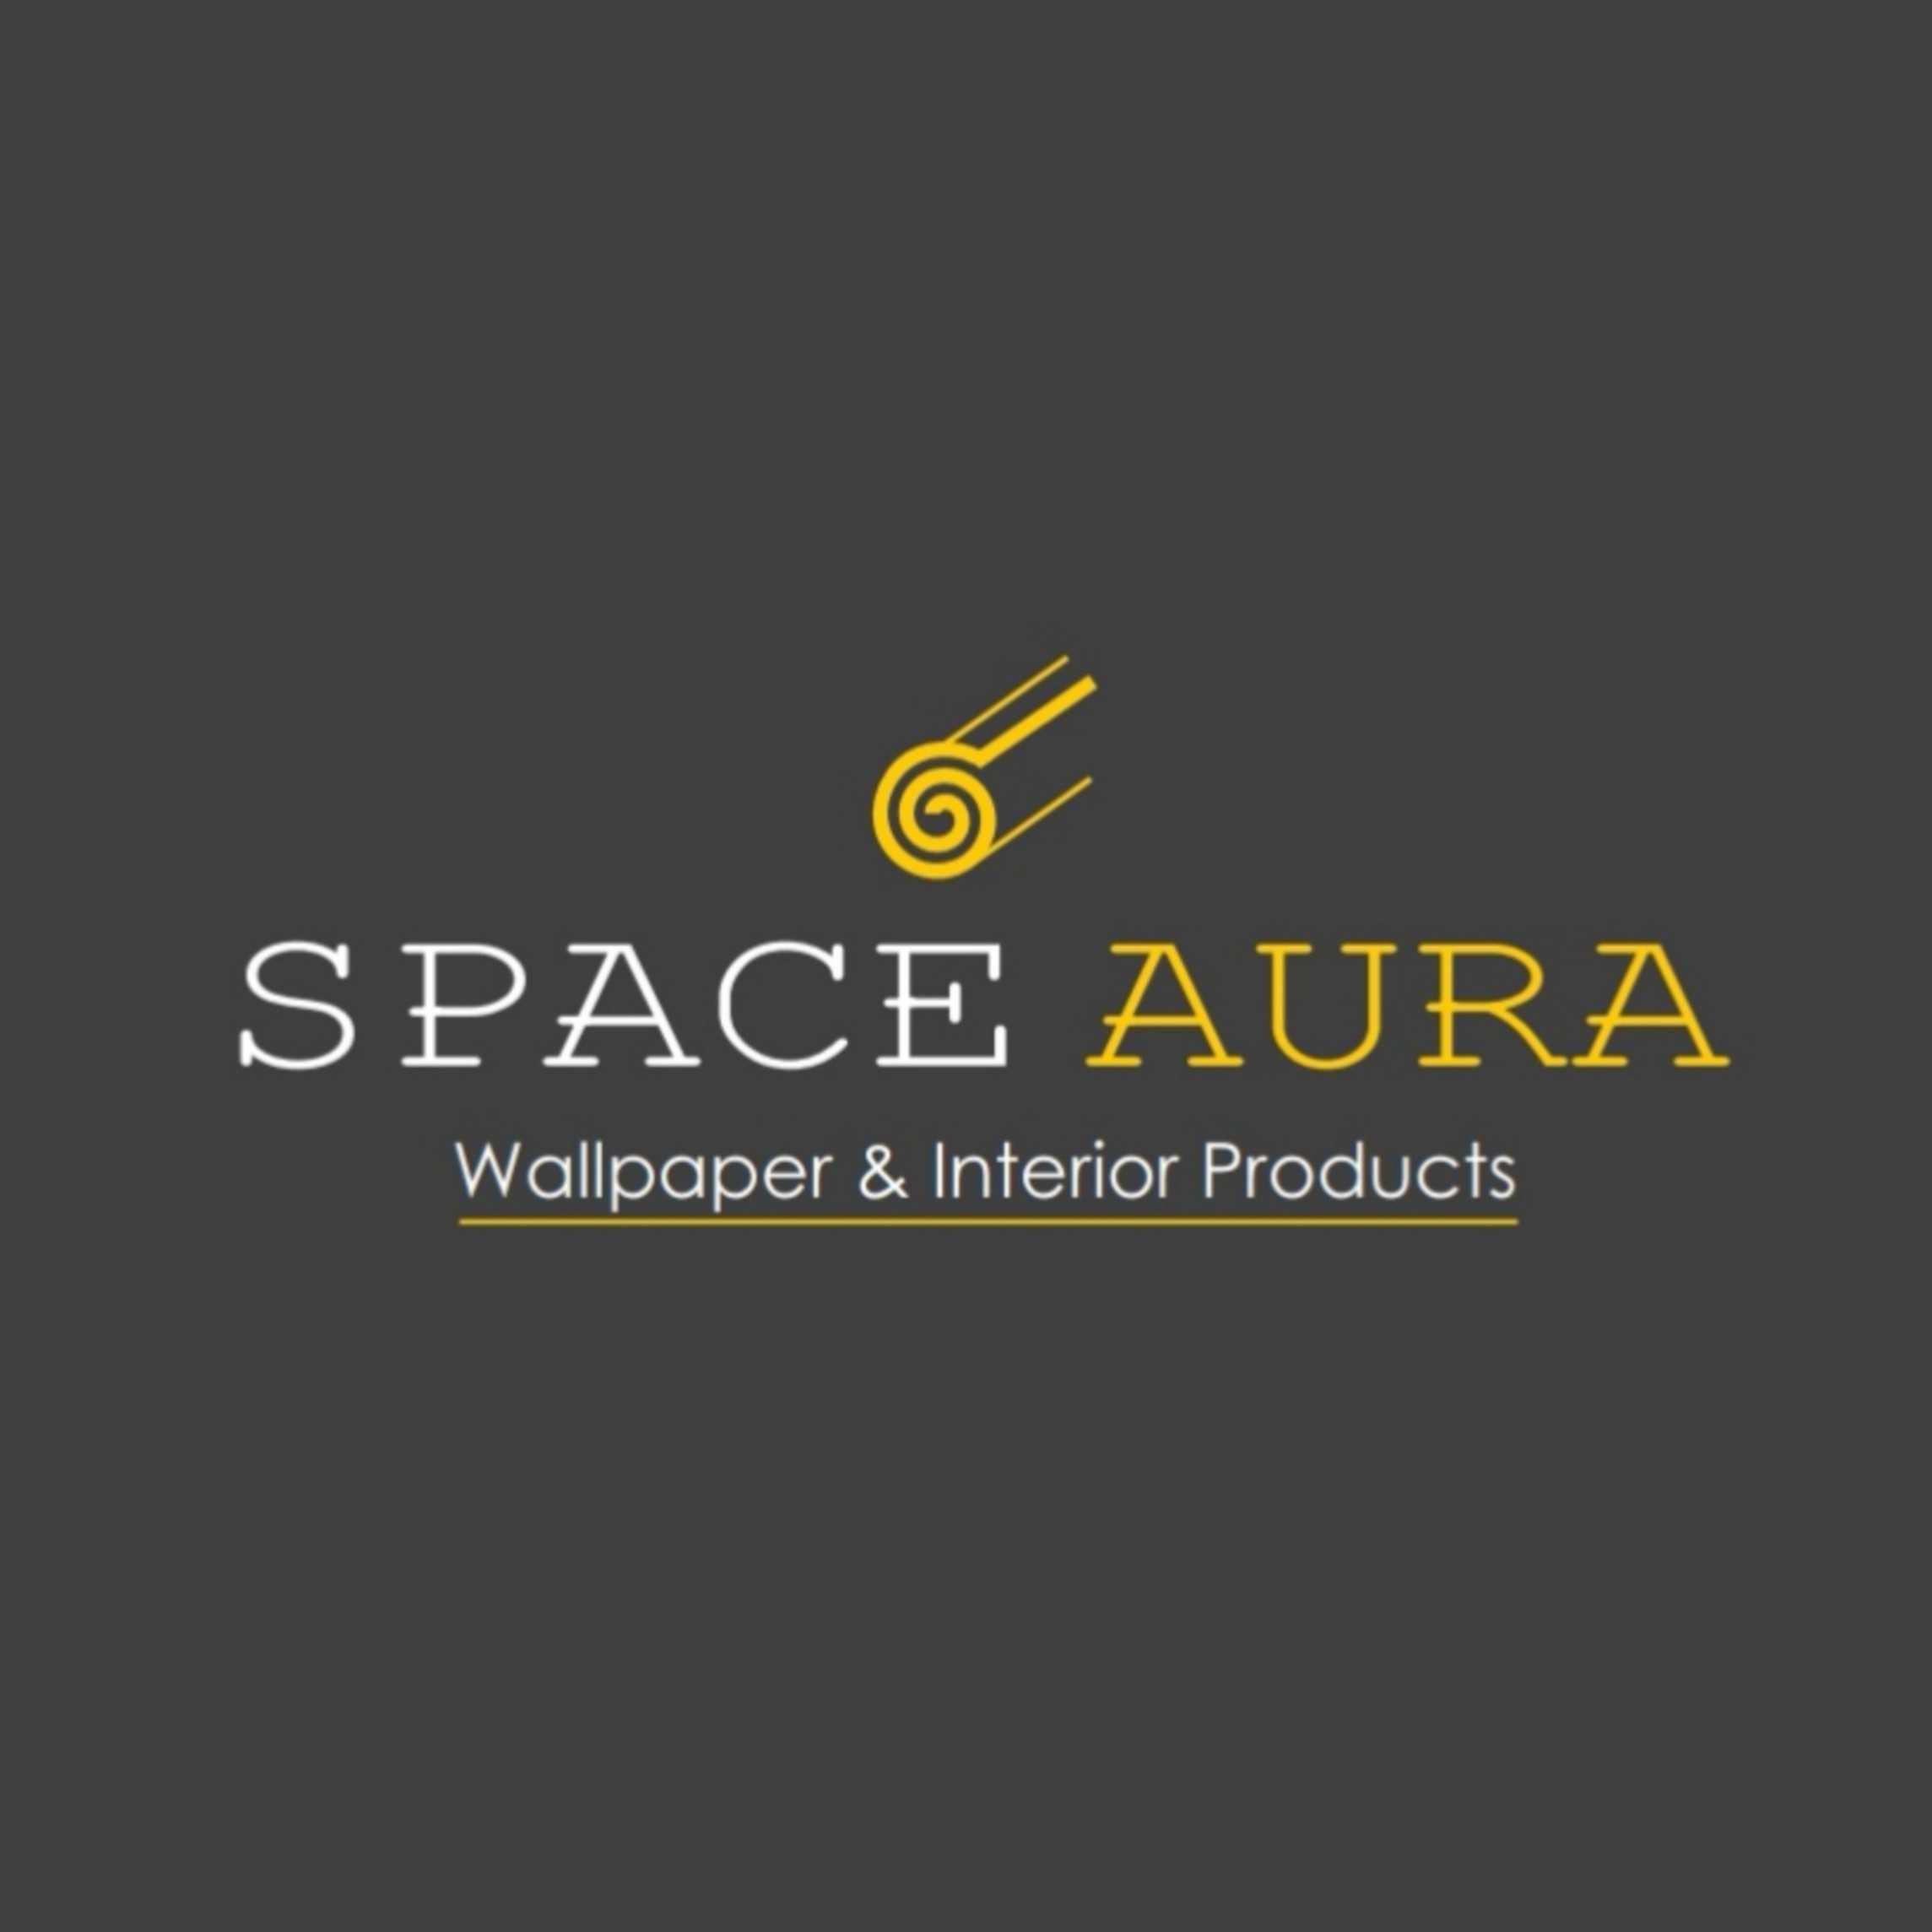 Space Aura